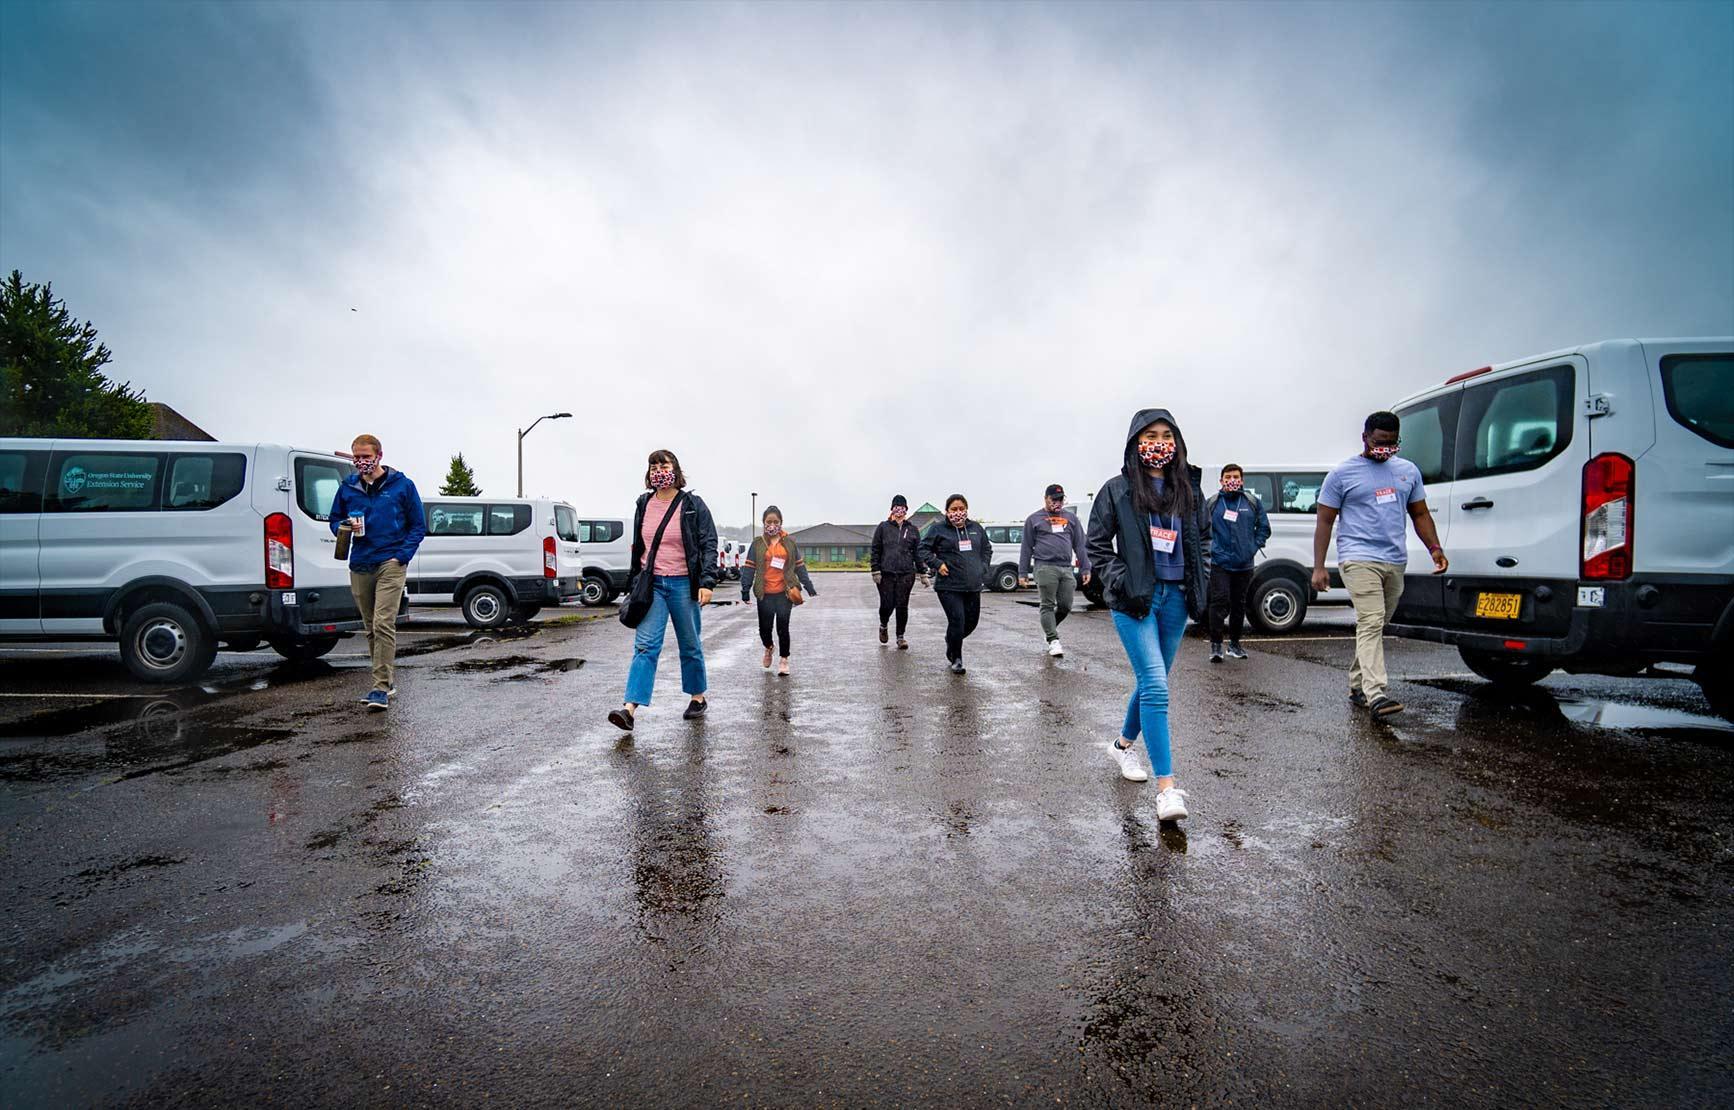 TRACE field staff walking along parking lot.